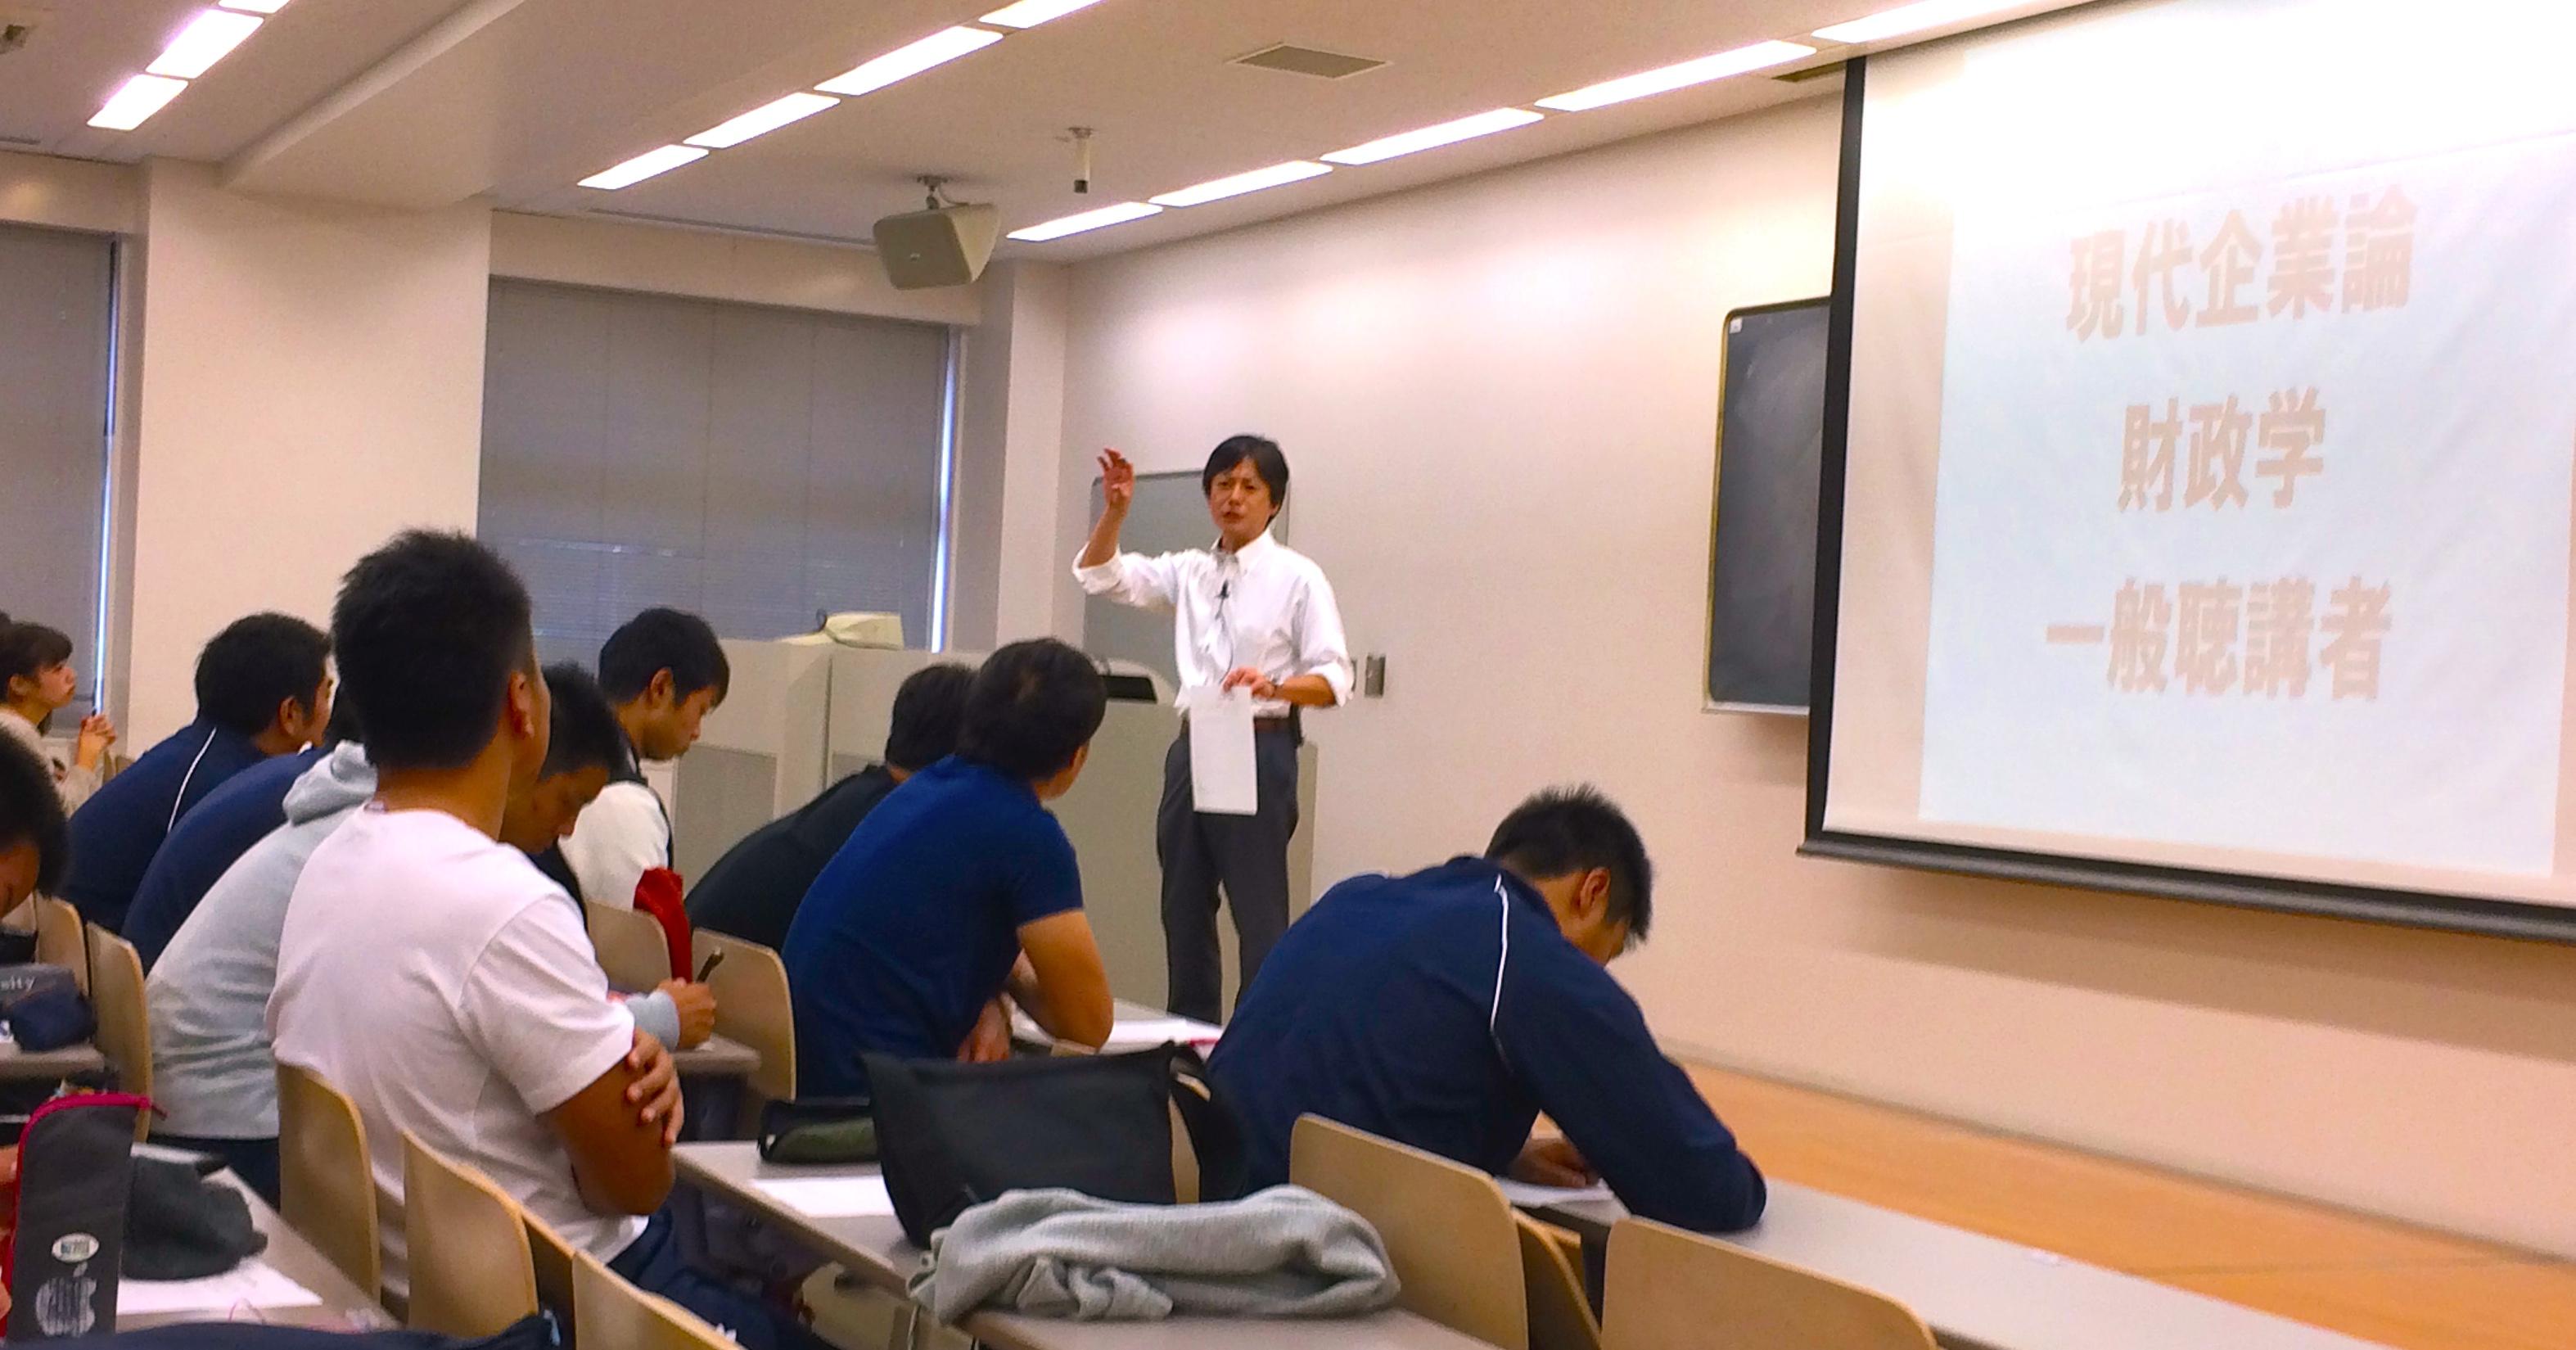 関東学院大学「現代企業論」に潜り込んでクレイ勇輝さんの授業を聴講